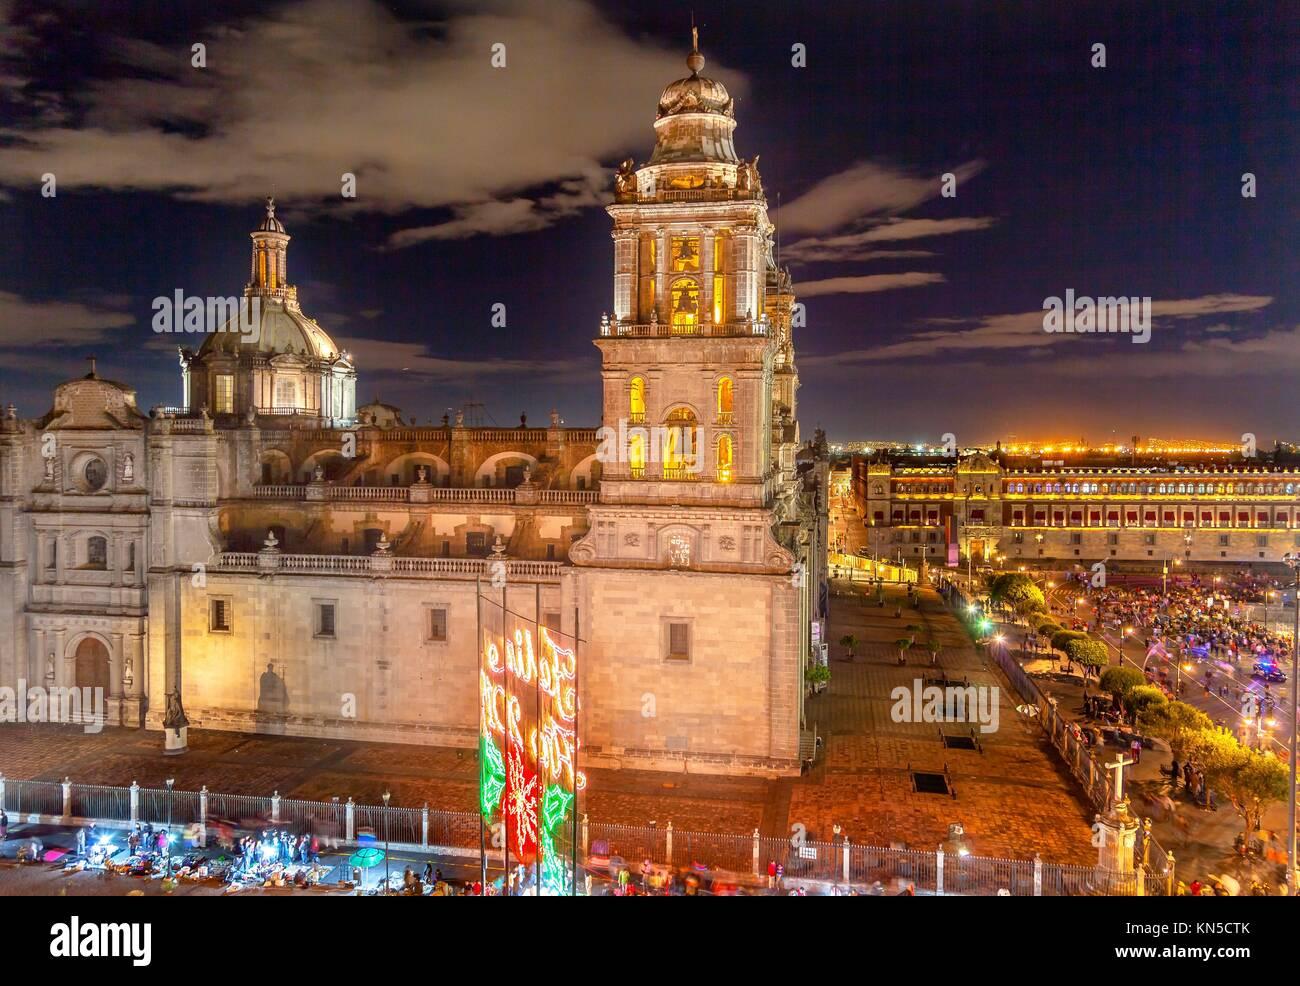 Cathédrale Métropolitaine et le palais présidentiel au Zocalo, Centre de Mexico, la nuit. Photo Stock